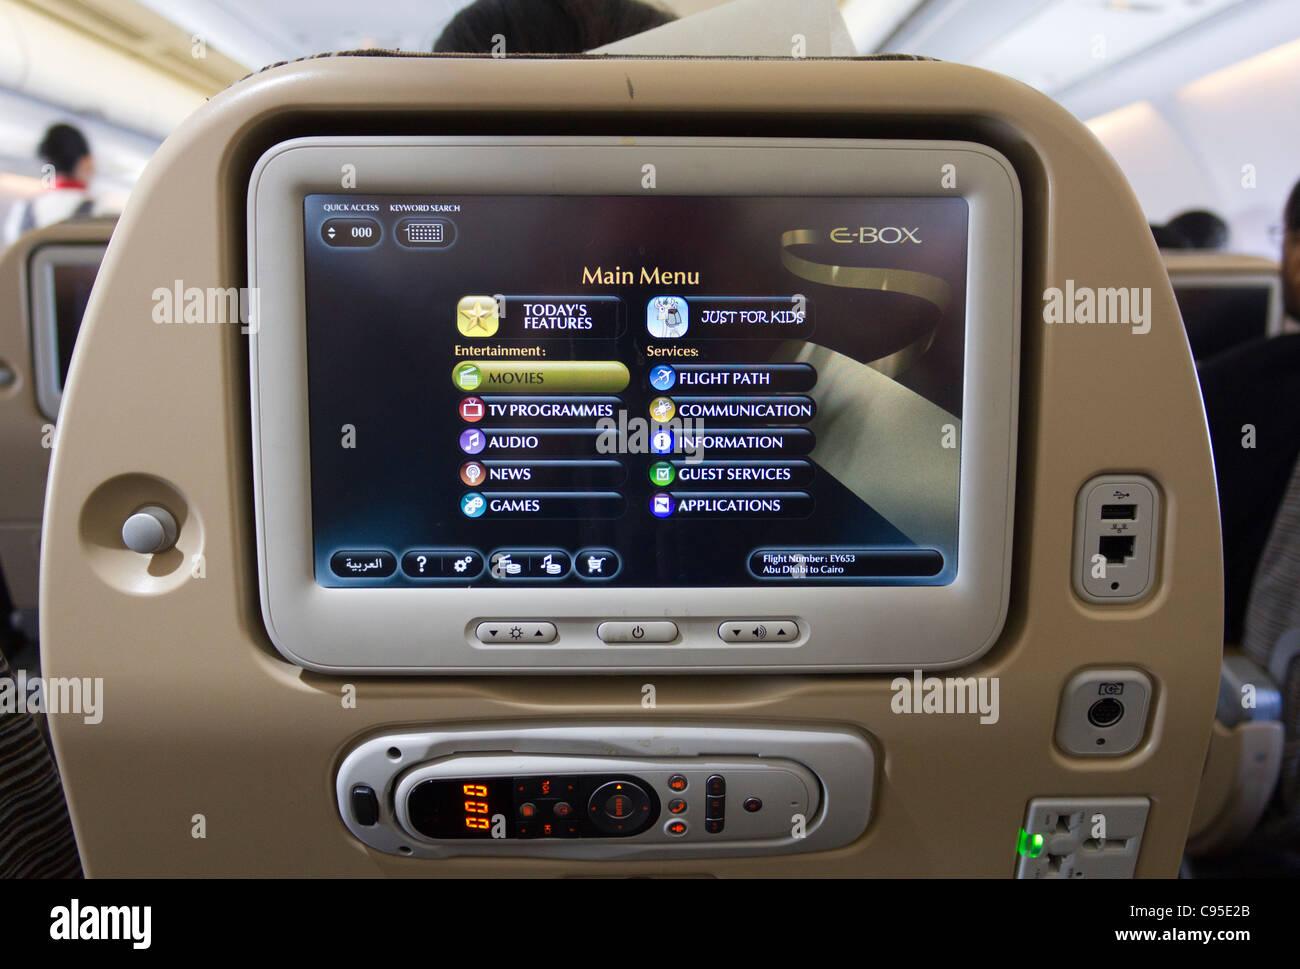 A bordo Etihad Airways en la pantalla menú entretenimiento Imagen De Stock